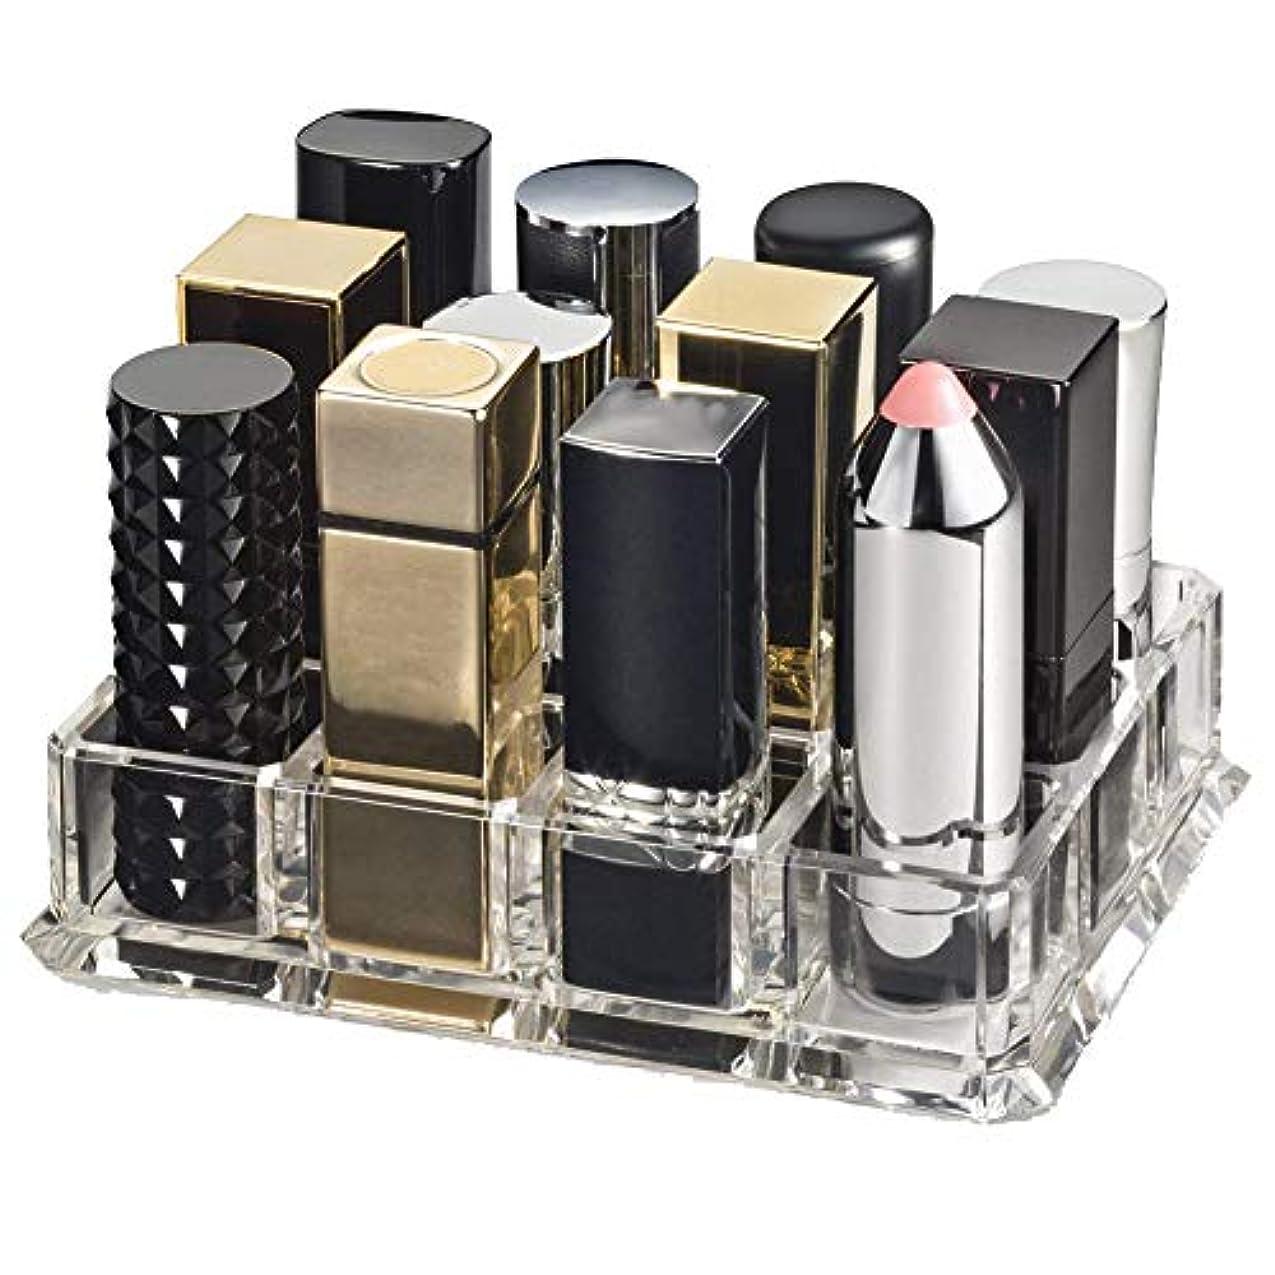 略奪陽気なベンチャーhamulekfae-化粧品綺麗クリアアクリル口紅オーガナイザー12スペース化粧品収納ボックスケース - 透明